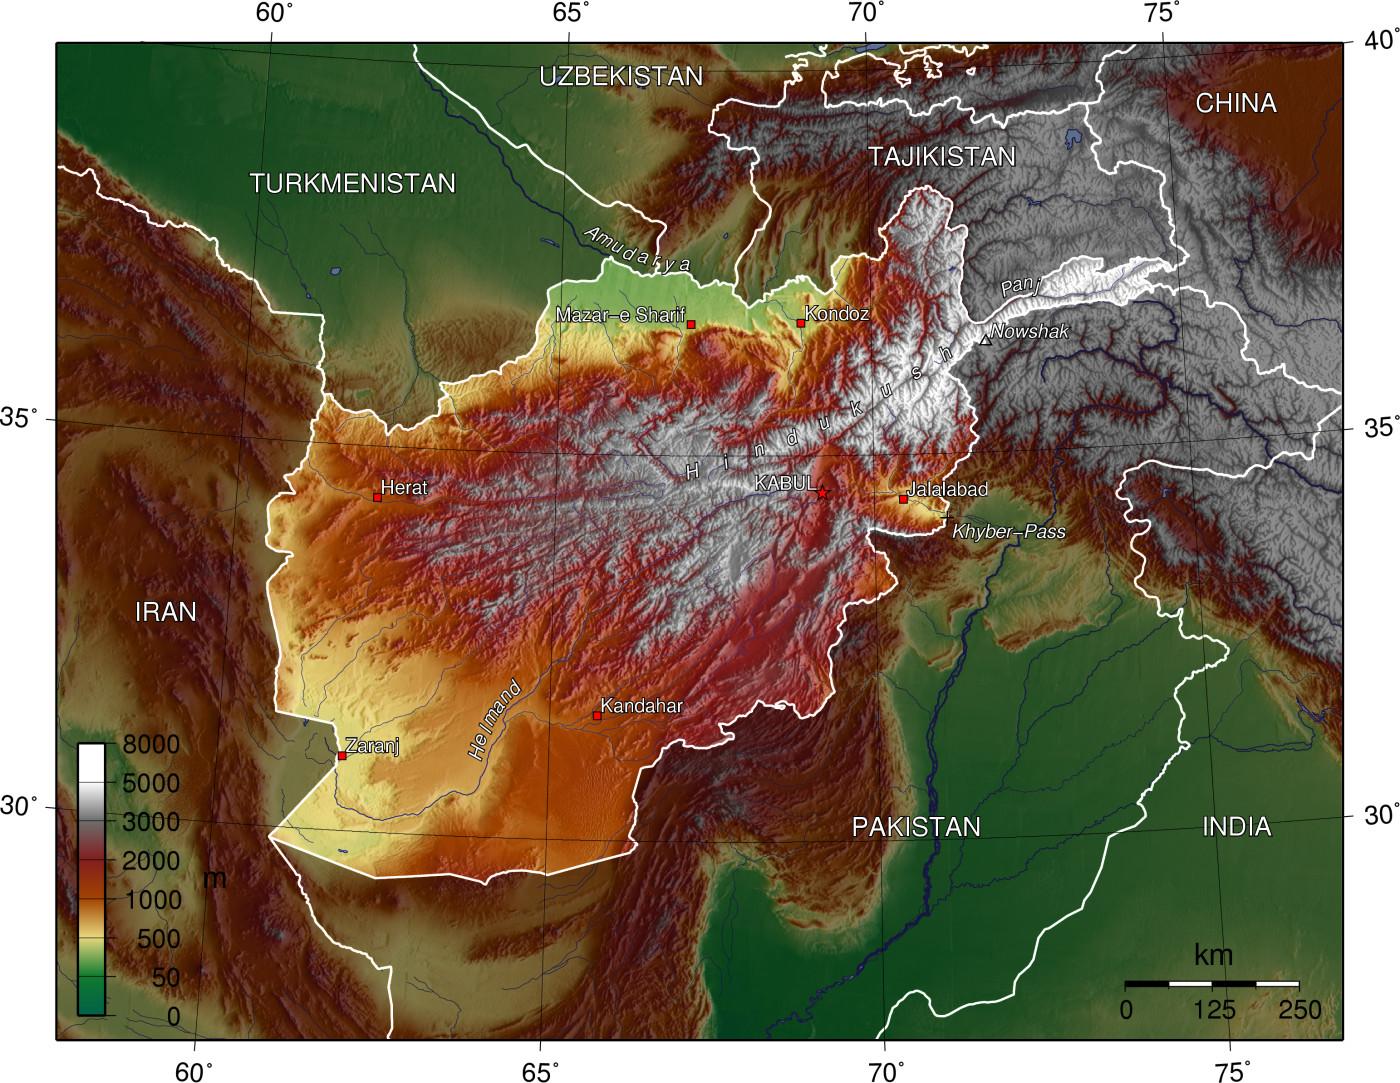 Image:Afghan topo en